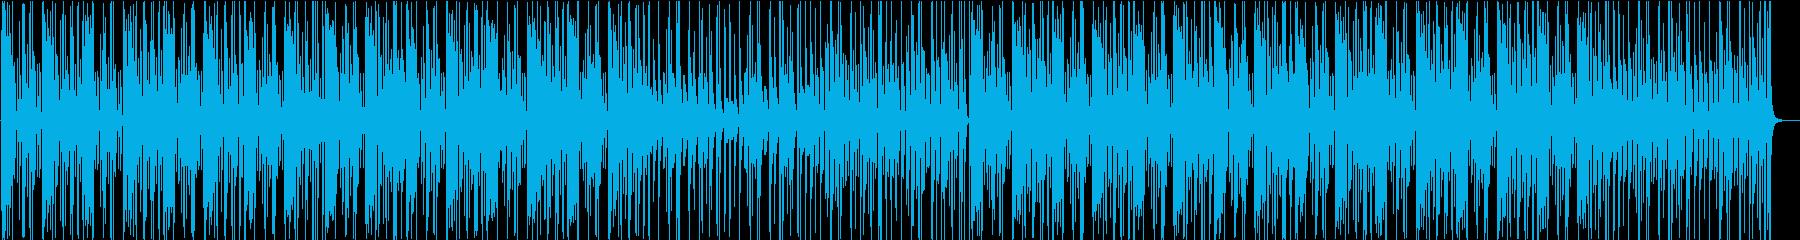 裏路地のような雰囲気のテクノの再生済みの波形